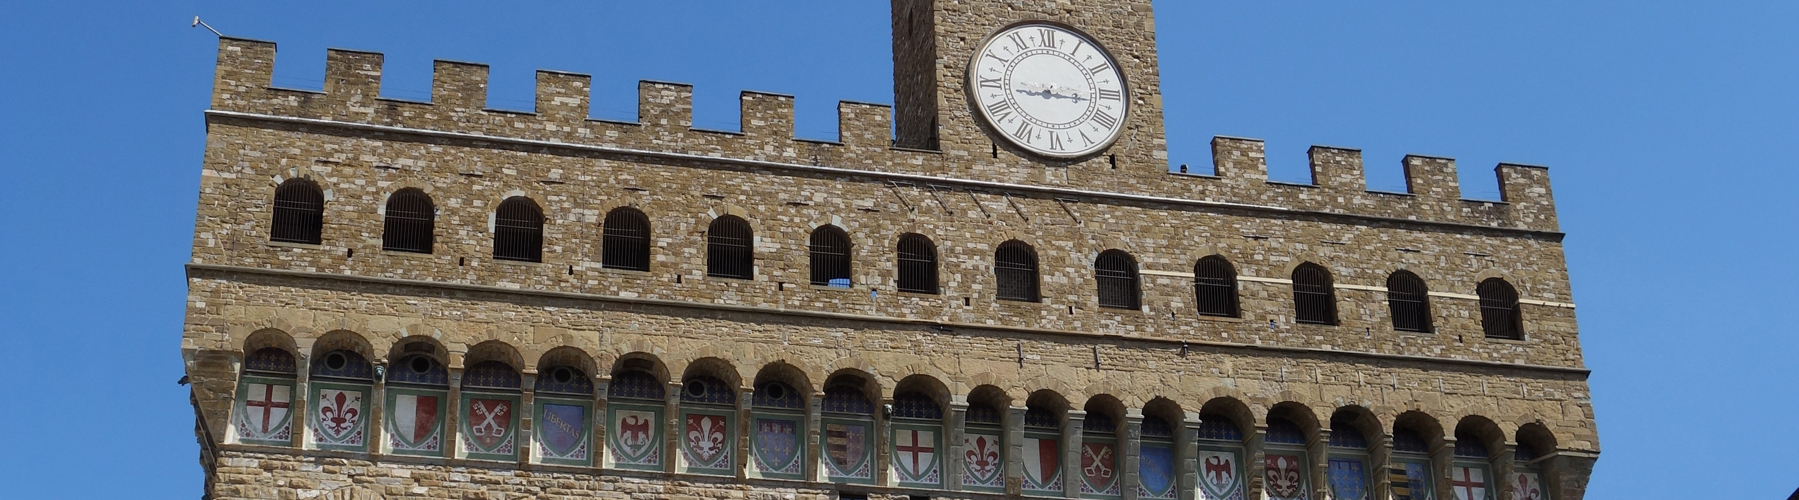 피렌체 - 베키오 궁전에 가까운 호스텔. 피렌체의 지도, 피렌체에 위치한 호스텔에 대한 사진 및 리뷰.